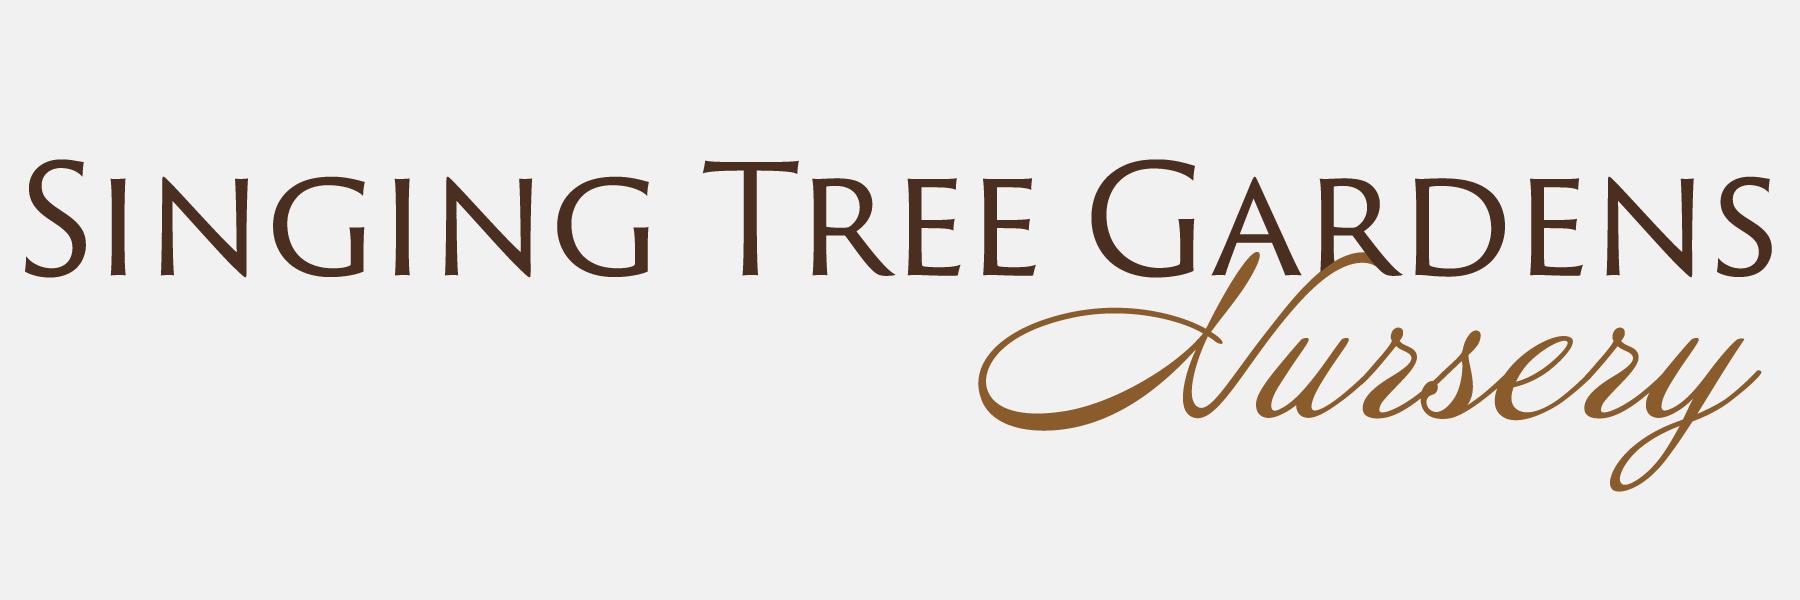 Screenshot of Singing Tree Garden's wordmark